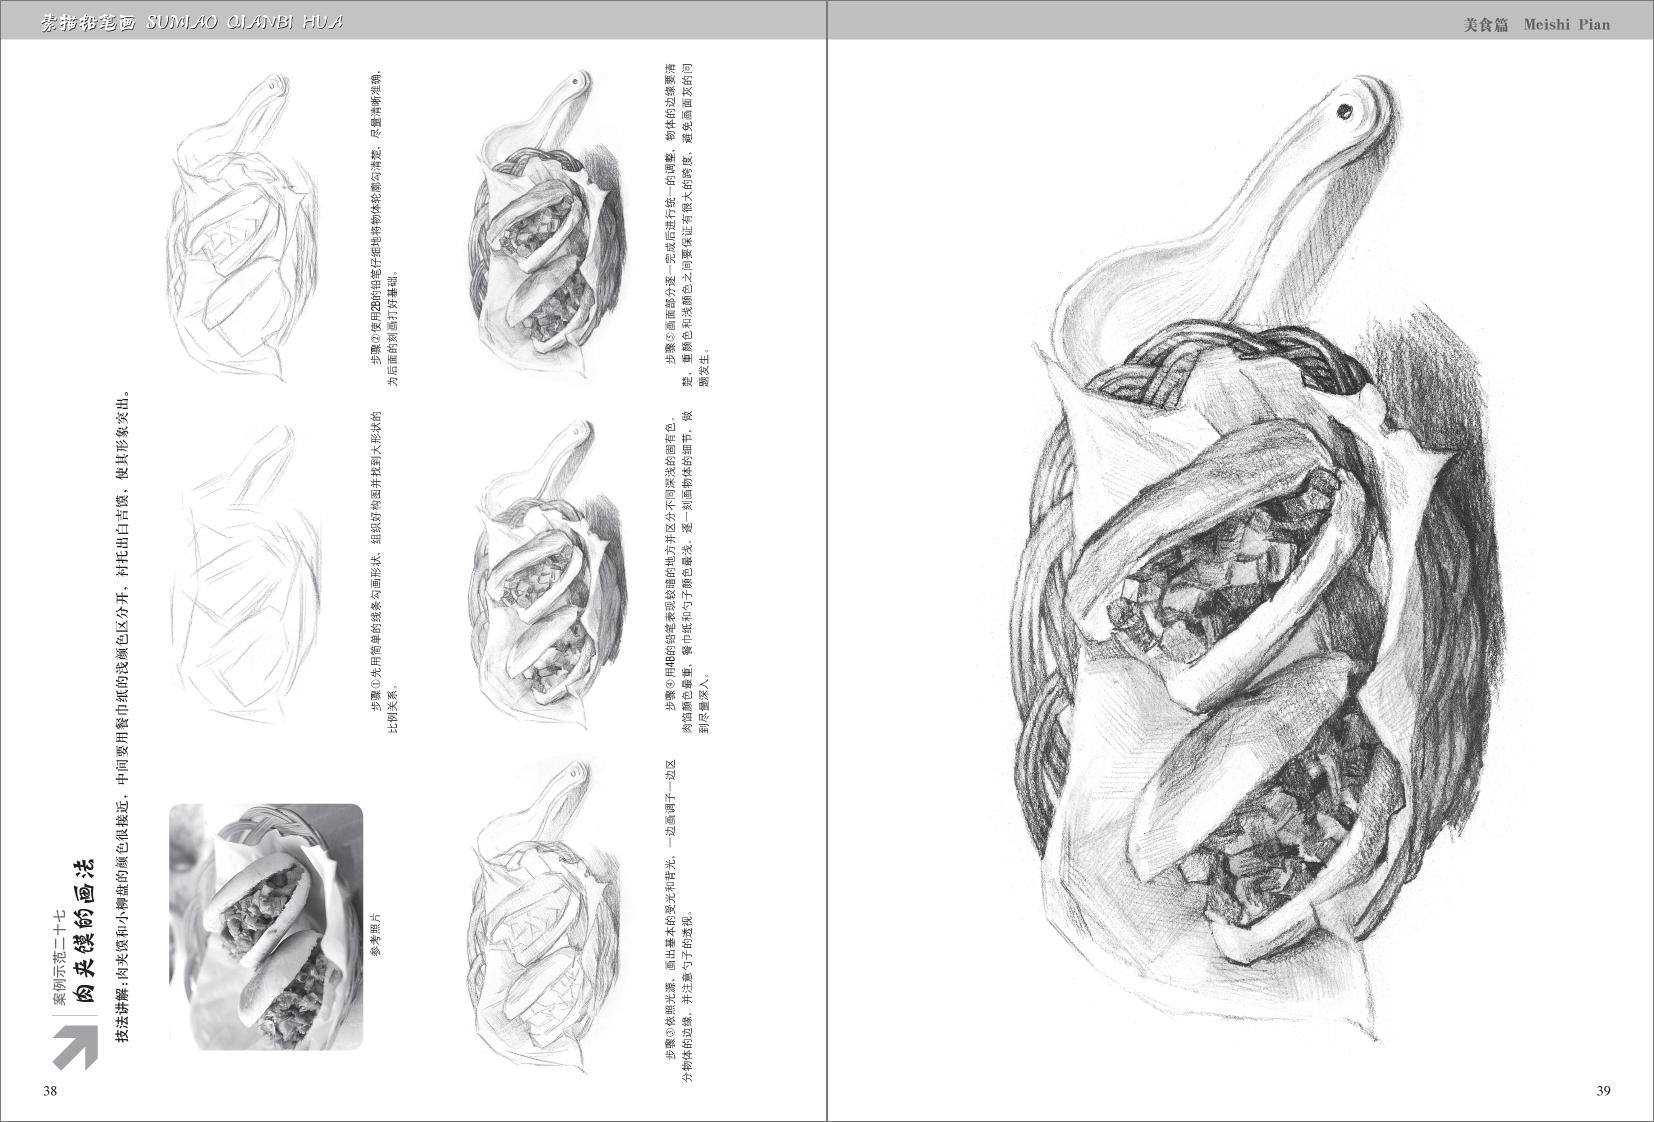 诱人的美食,不光可以用舌头来记忆,我们还可以用一根根细腻的线条,以黑白的方式记录下这些美好。本书从日常食物中选取案例,从用笔、结构、明暗、透视、构图等环节入手,剖析了铅笔素描的各种秘技。就趁现在,拿起画笔,画点美食馋一下别人吧!